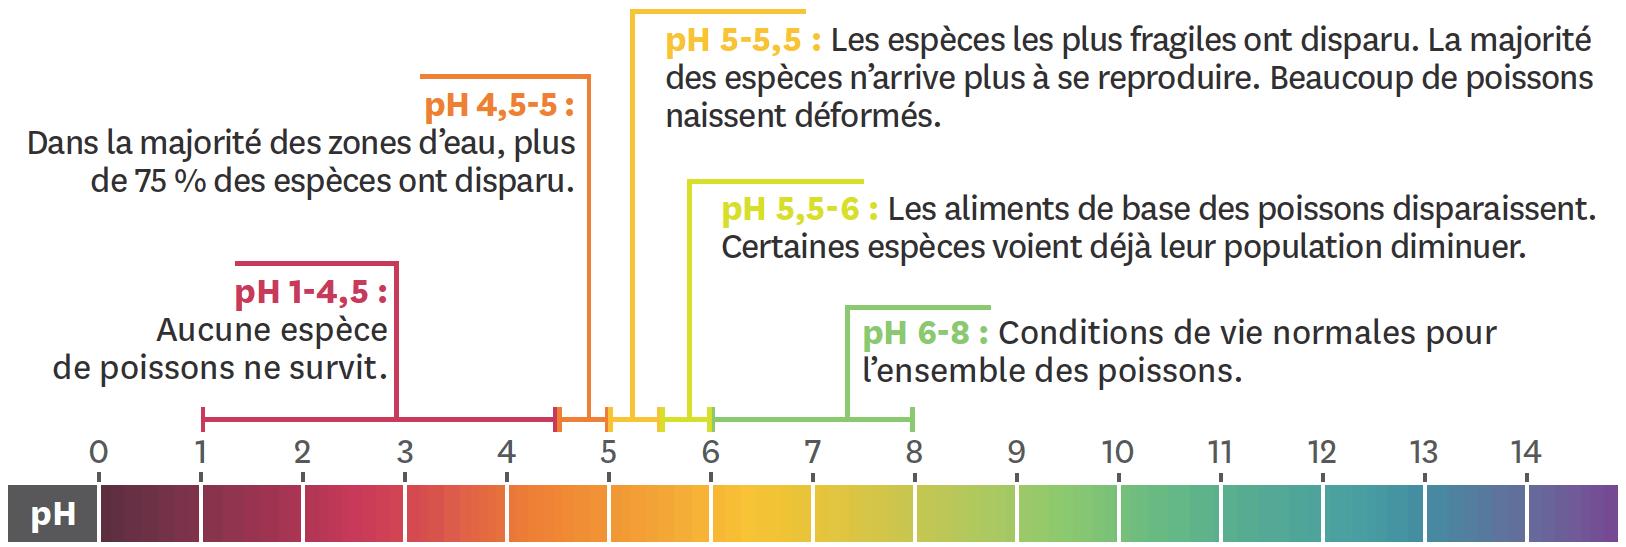 <stamp theme='pc-green1'>Doc. 5</stamp> Échelle de pH avec les conséquences sur la mortalité des poissons.